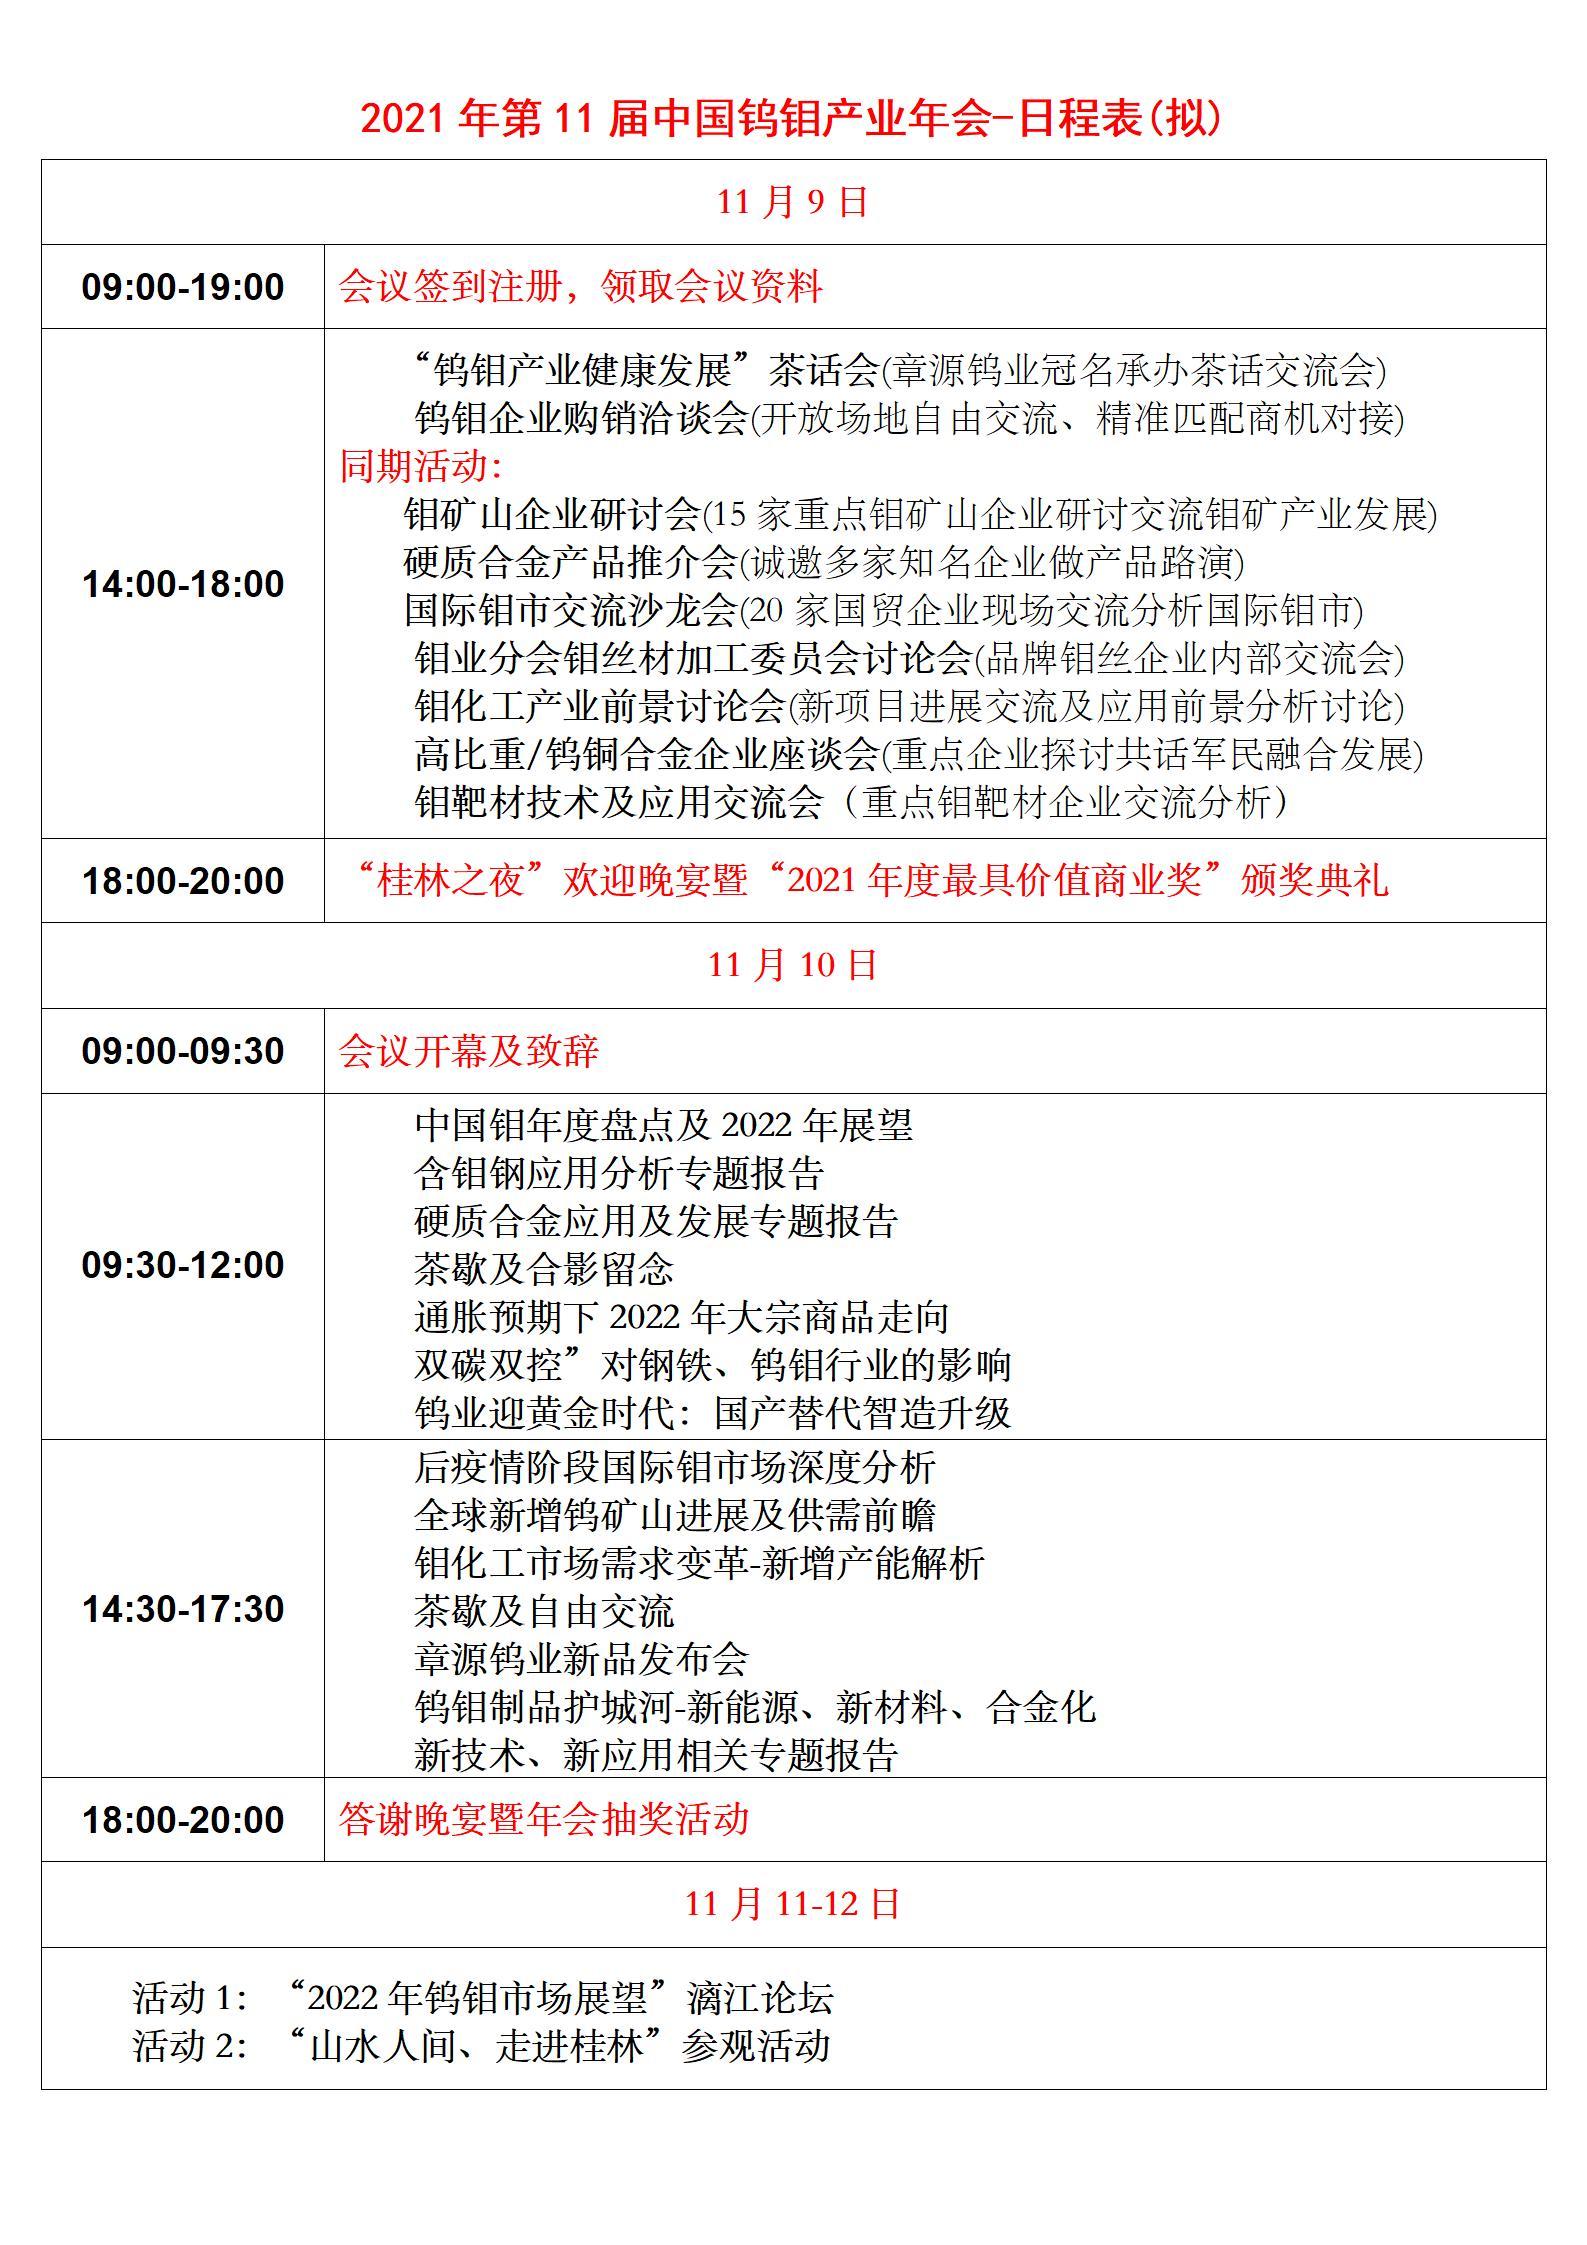 2021年桂林年会邀请函日程表全部资料下载_02.jpg